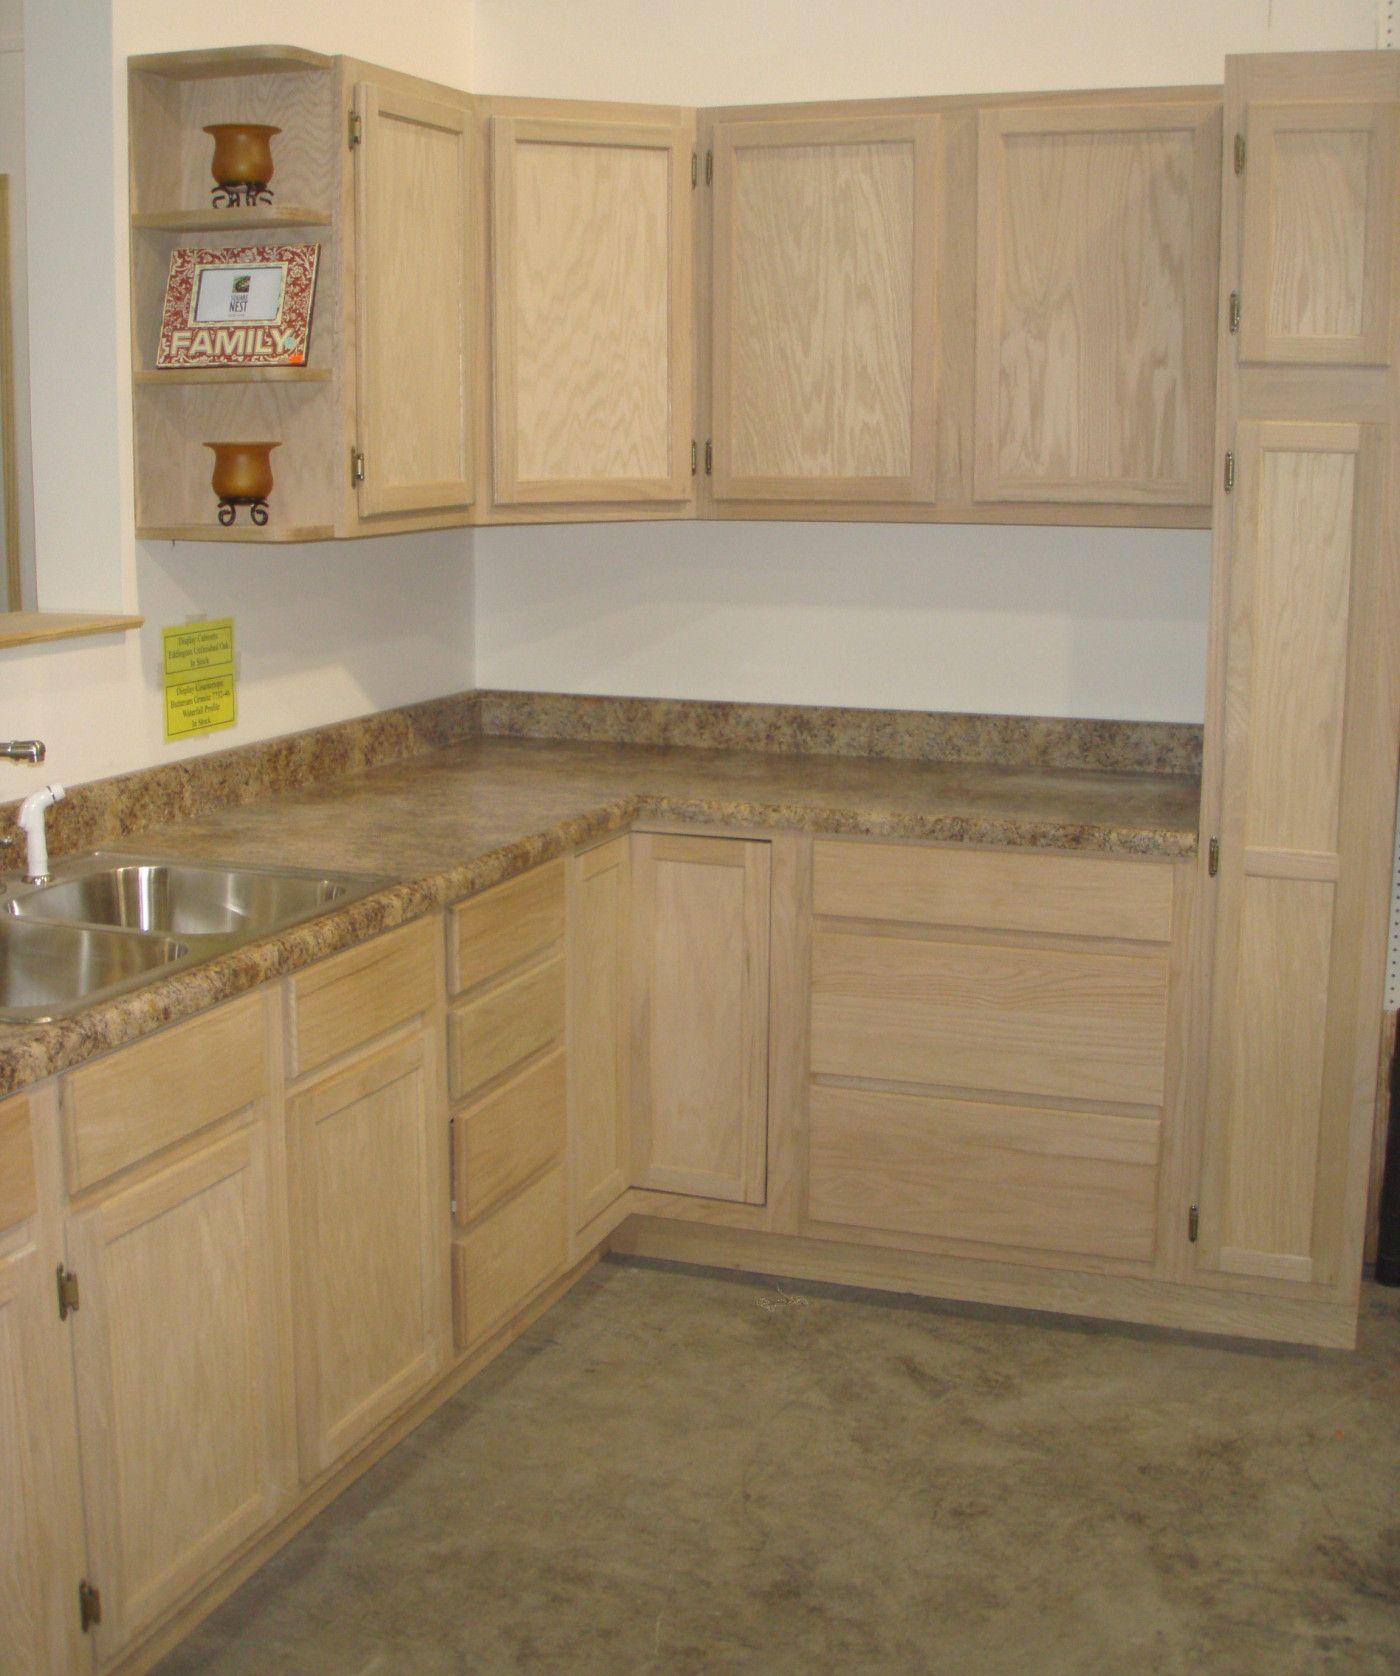 Lemari Dapur Minimalis tampak bersih dan rapi dengan kitchen cabinet ...